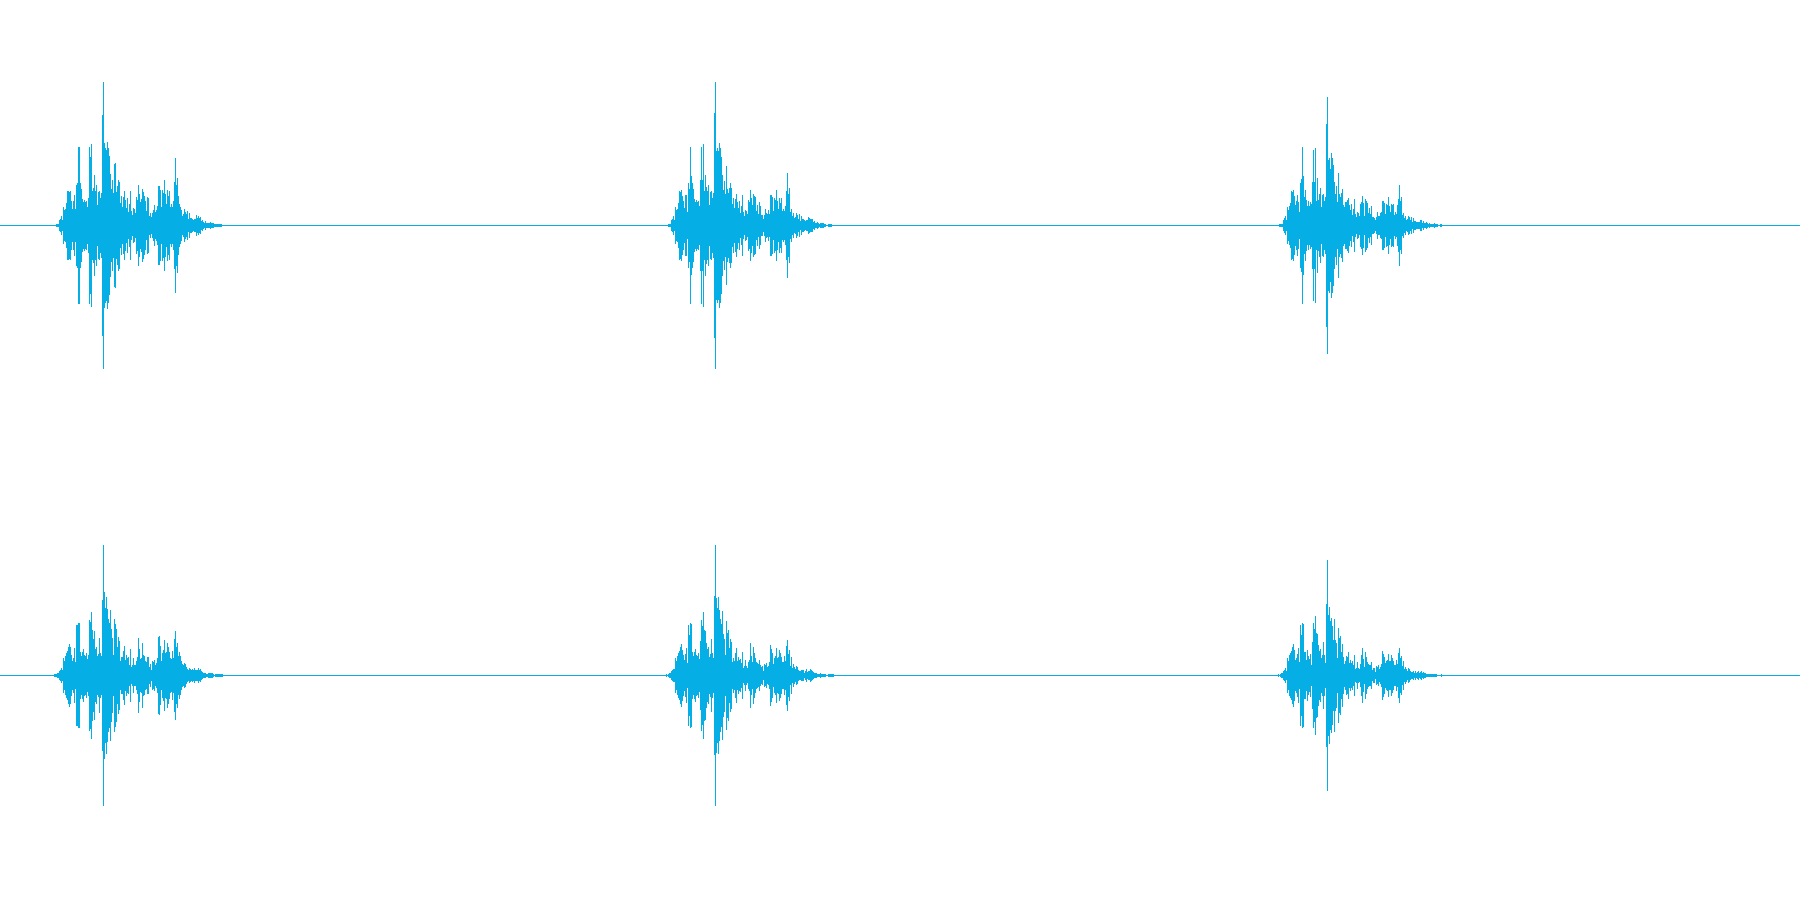 戦闘機シグナル_アナログ_カシャの再生済みの波形